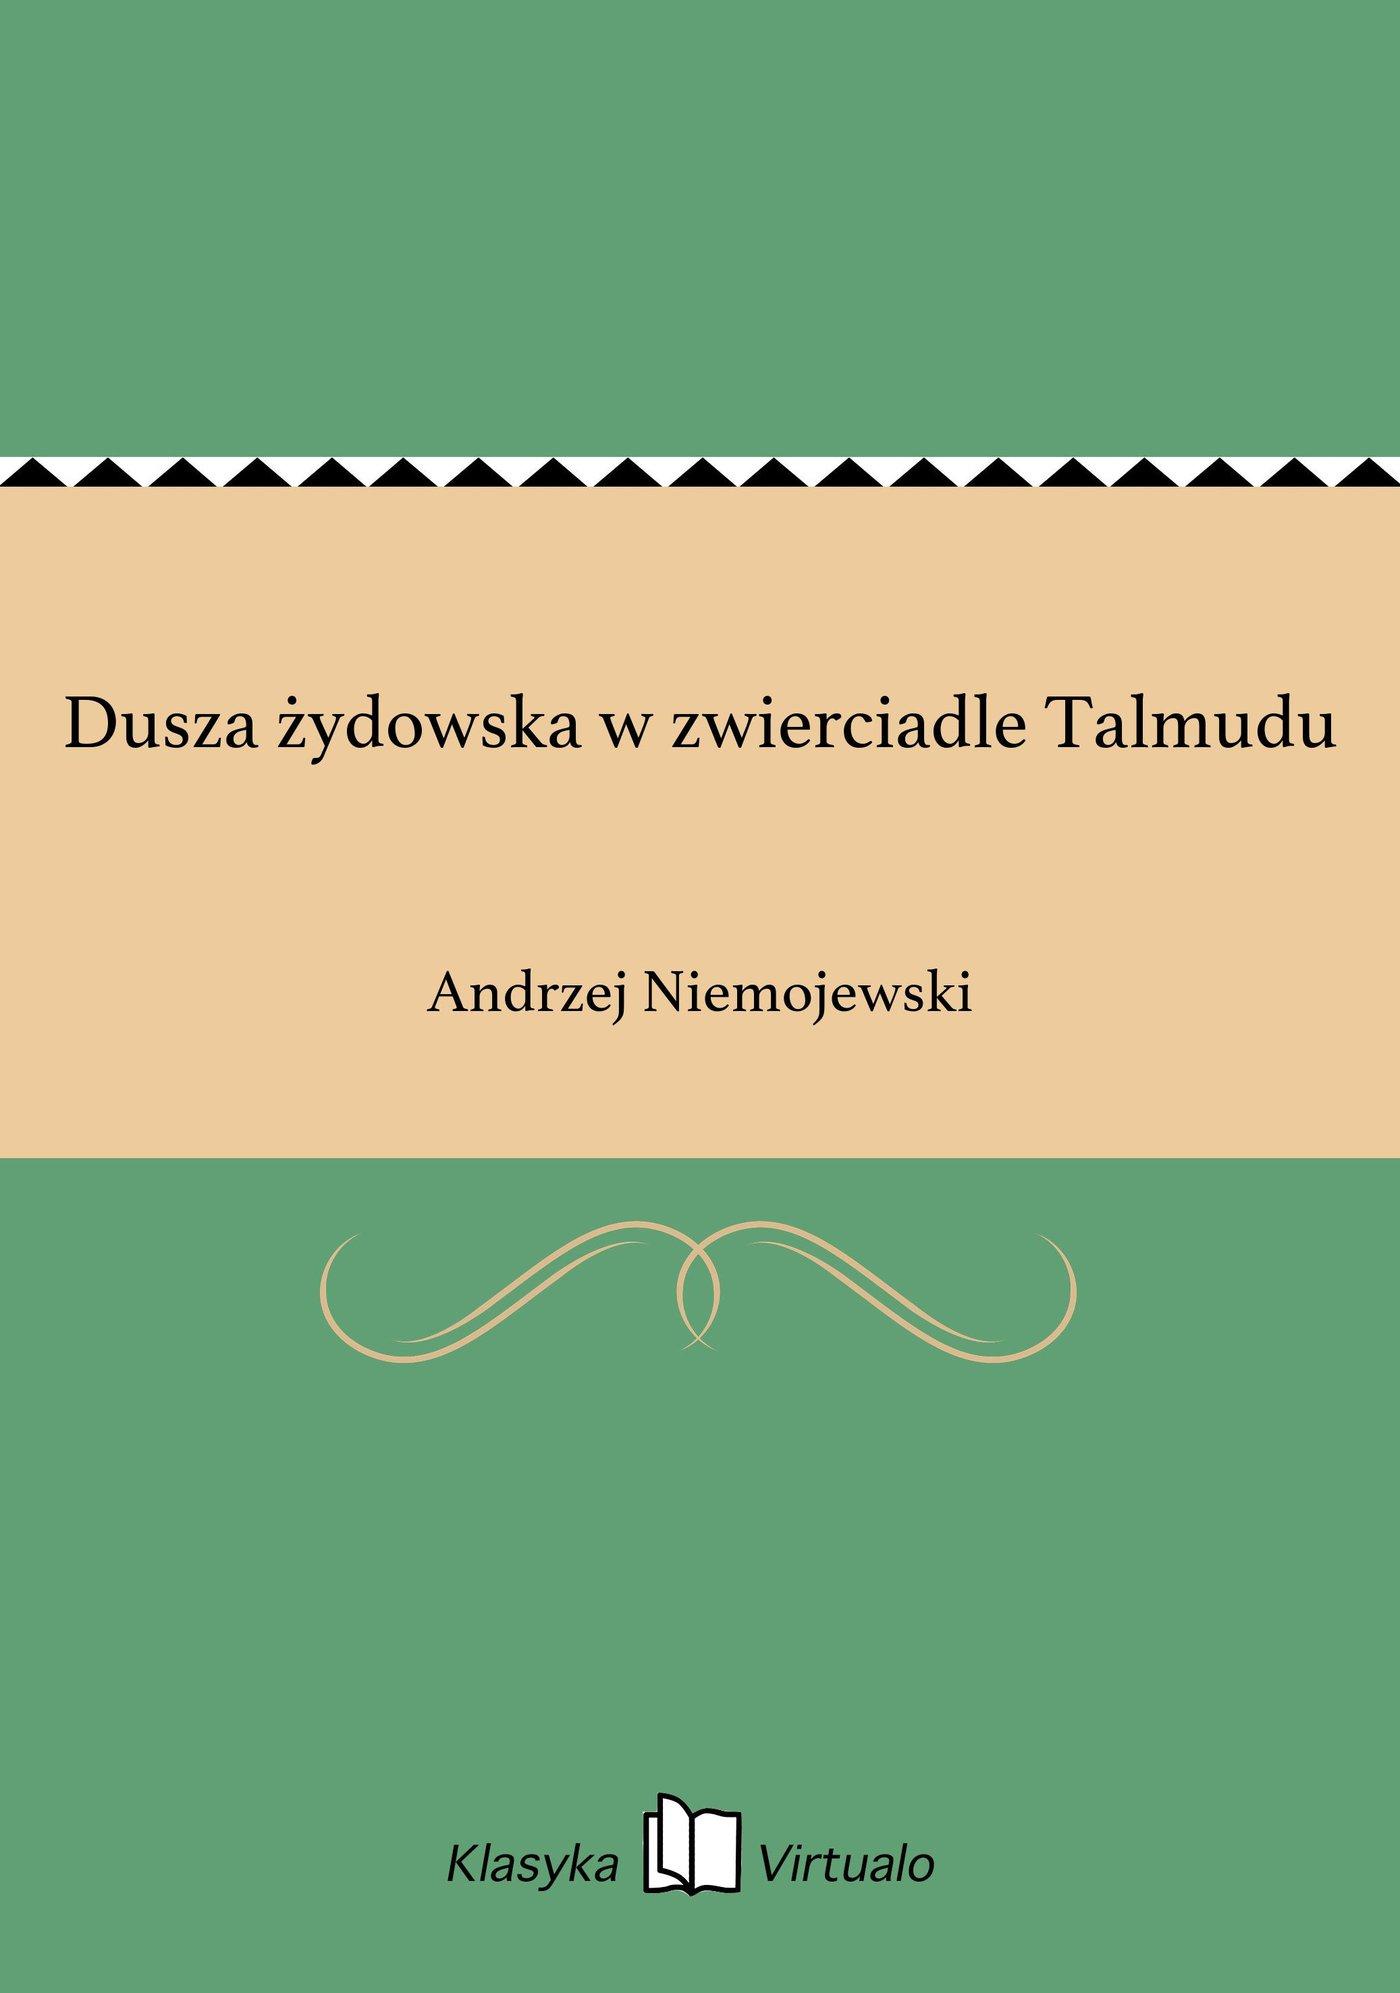 Dusza żydowska w zwierciadle Talmudu - Ebook (Książka EPUB) do pobrania w formacie EPUB